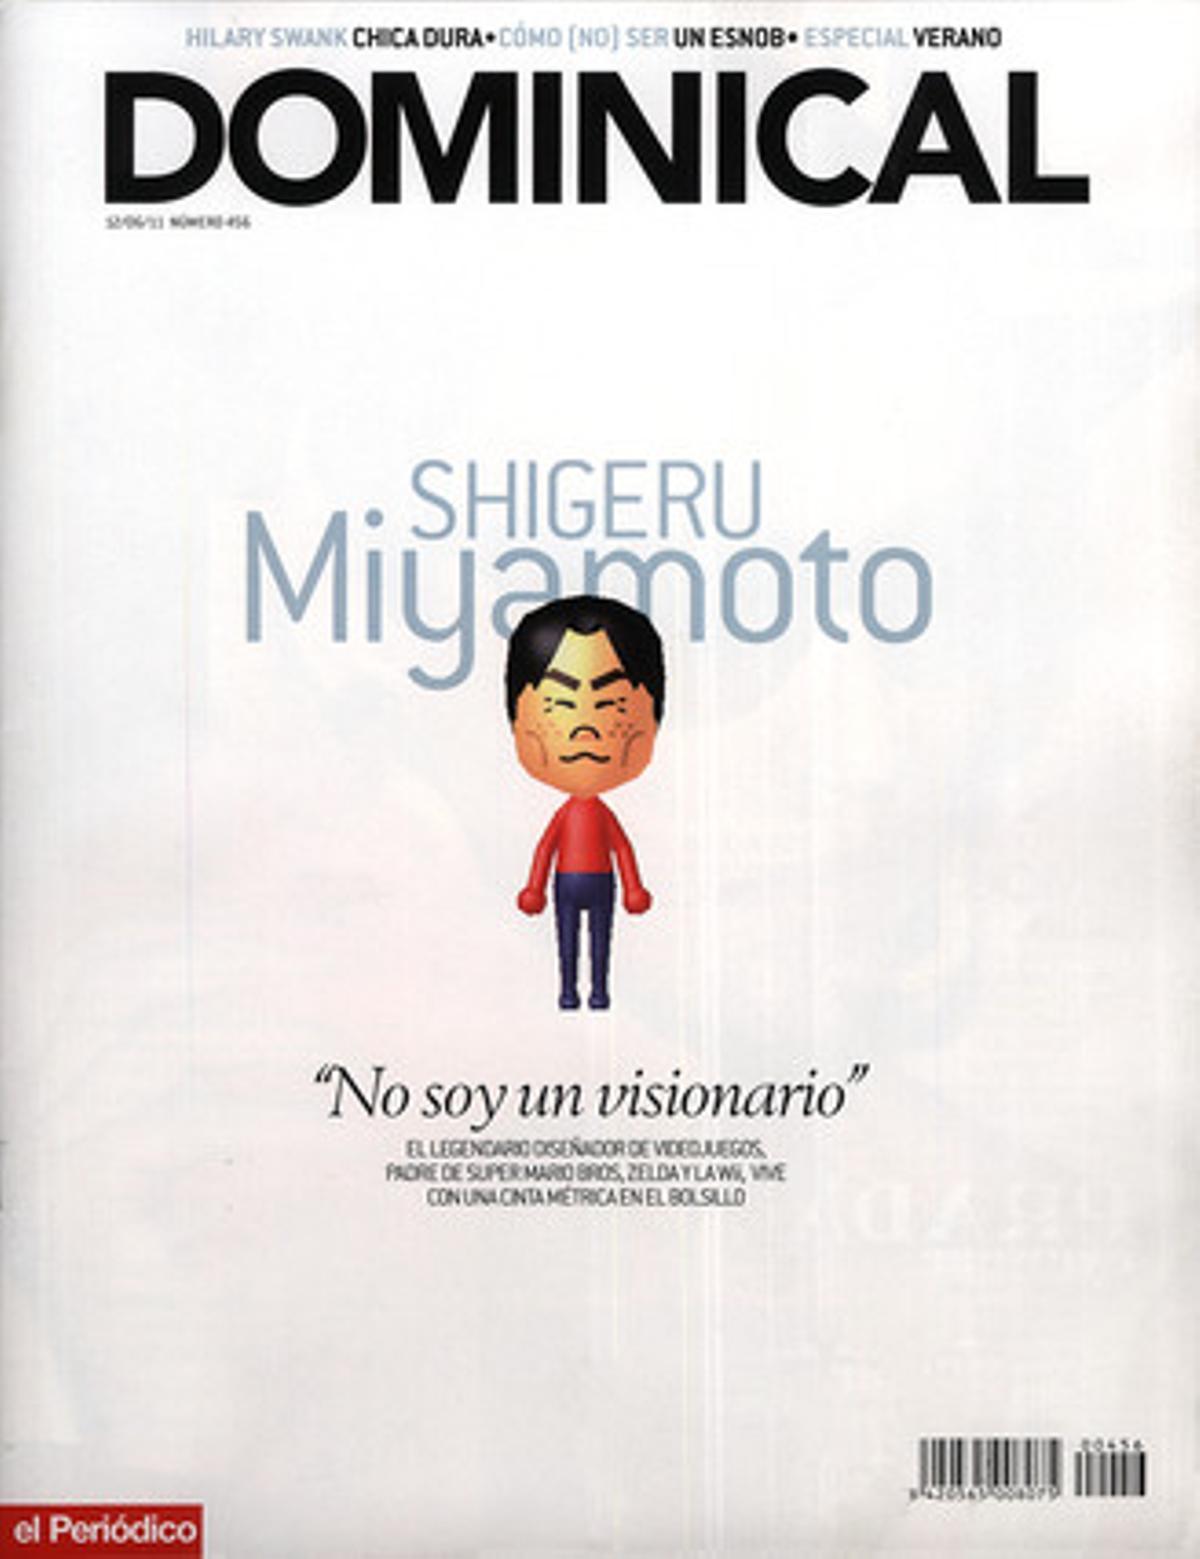 El Mii de Miyamoto en la portada de EL DOMINICAL